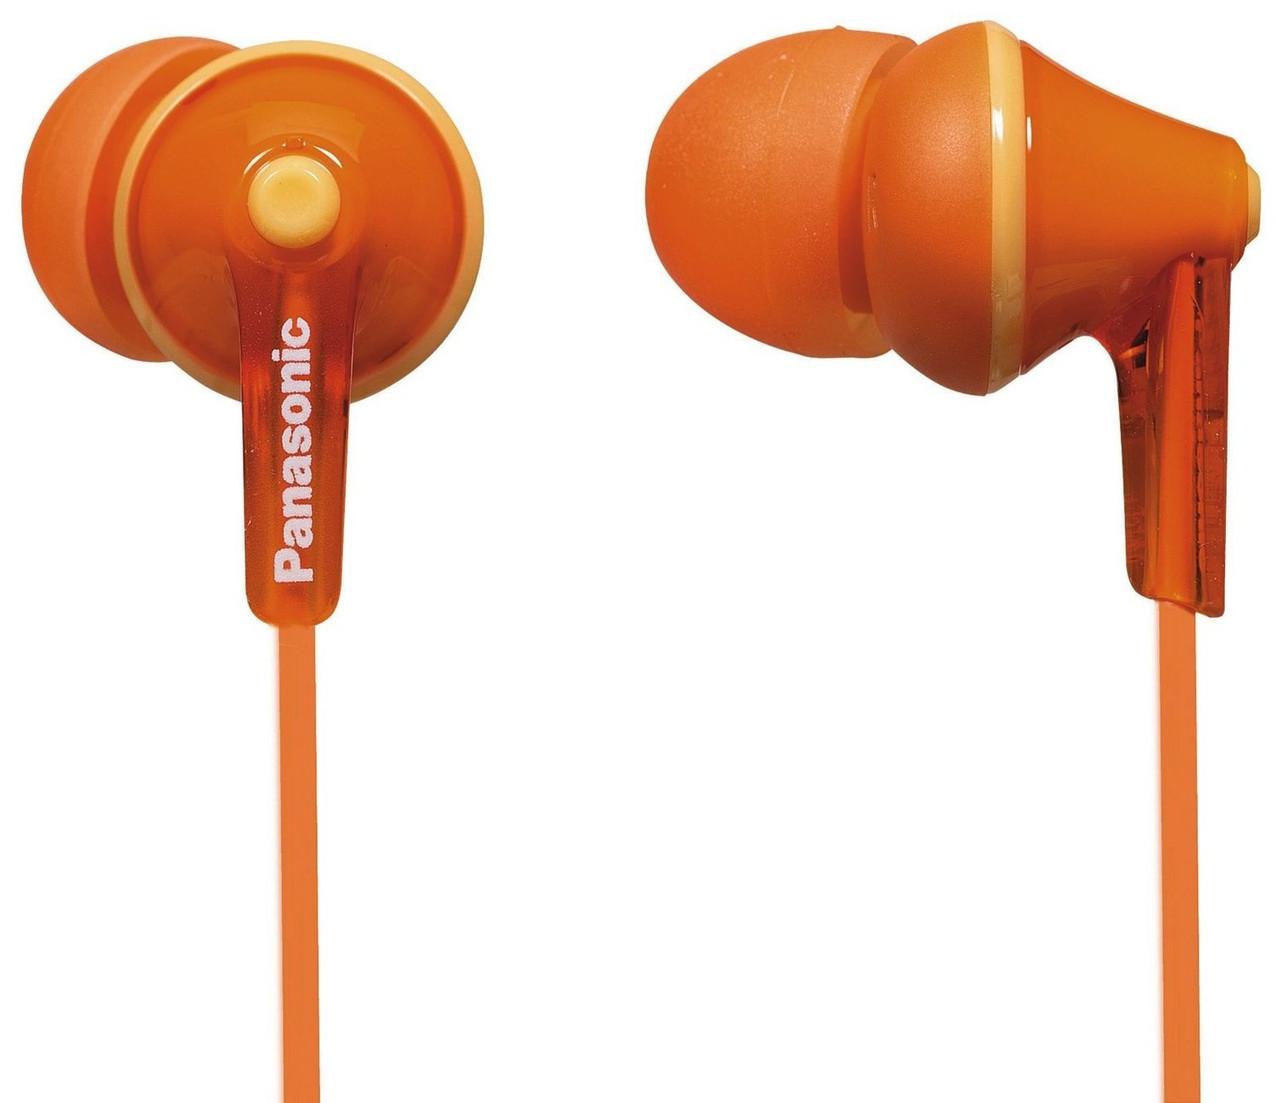 HF Panasonic 125 ор. orange Гарантія 1 місяць